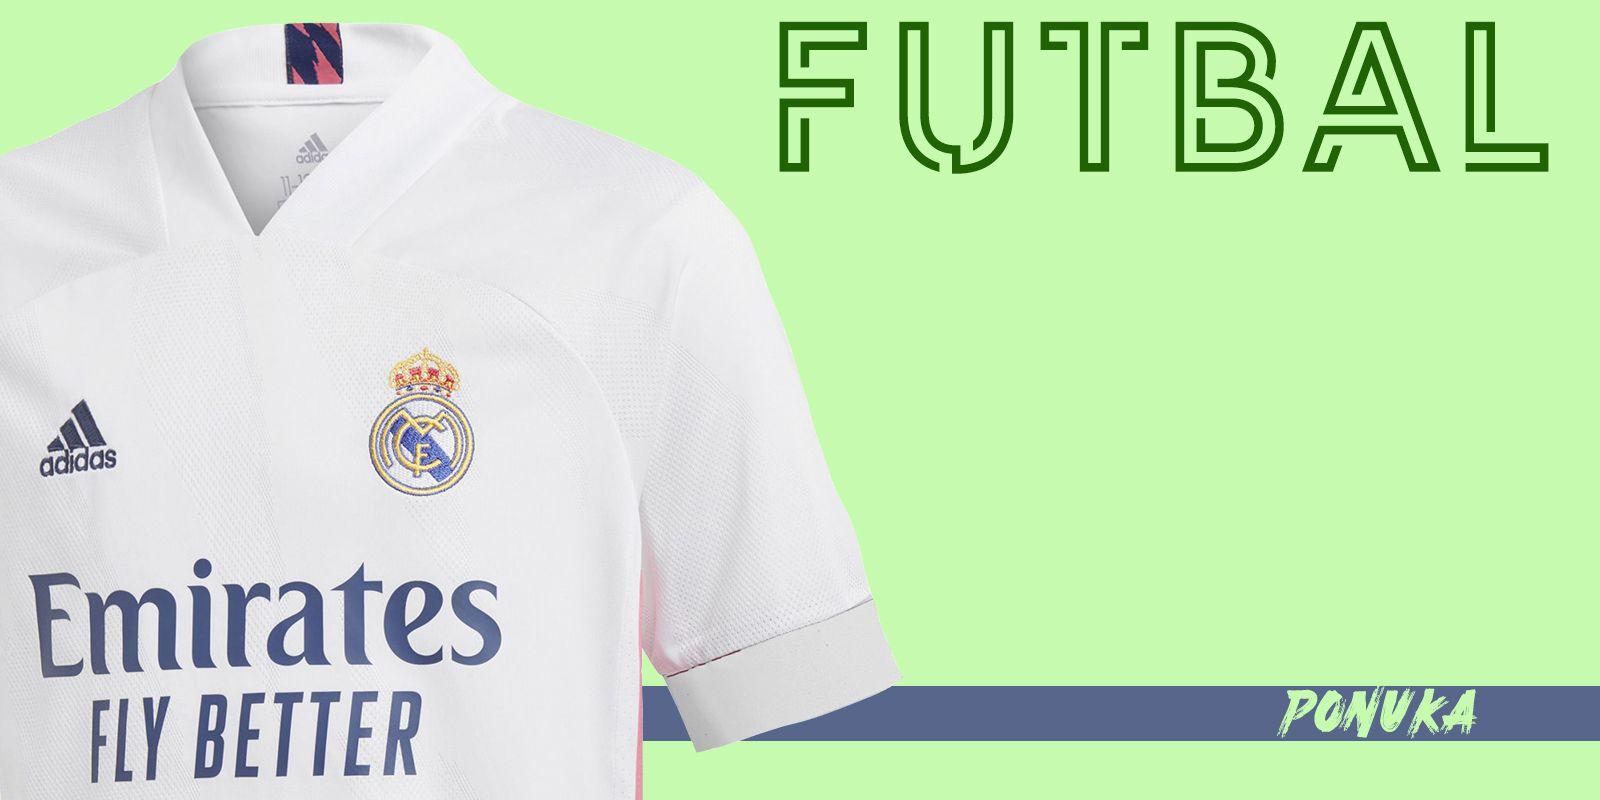 Futbalové oblečenie, futbalové šiltovky